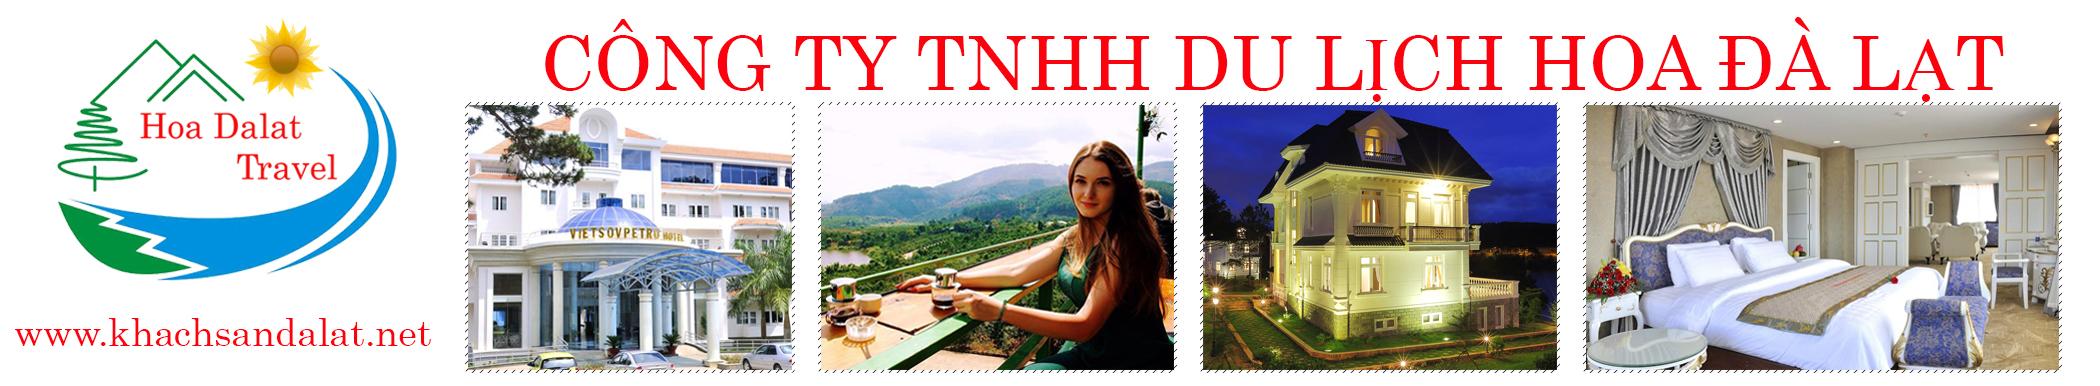 Hoa Dalat Travel - Công ty du lịch Đà Lạt